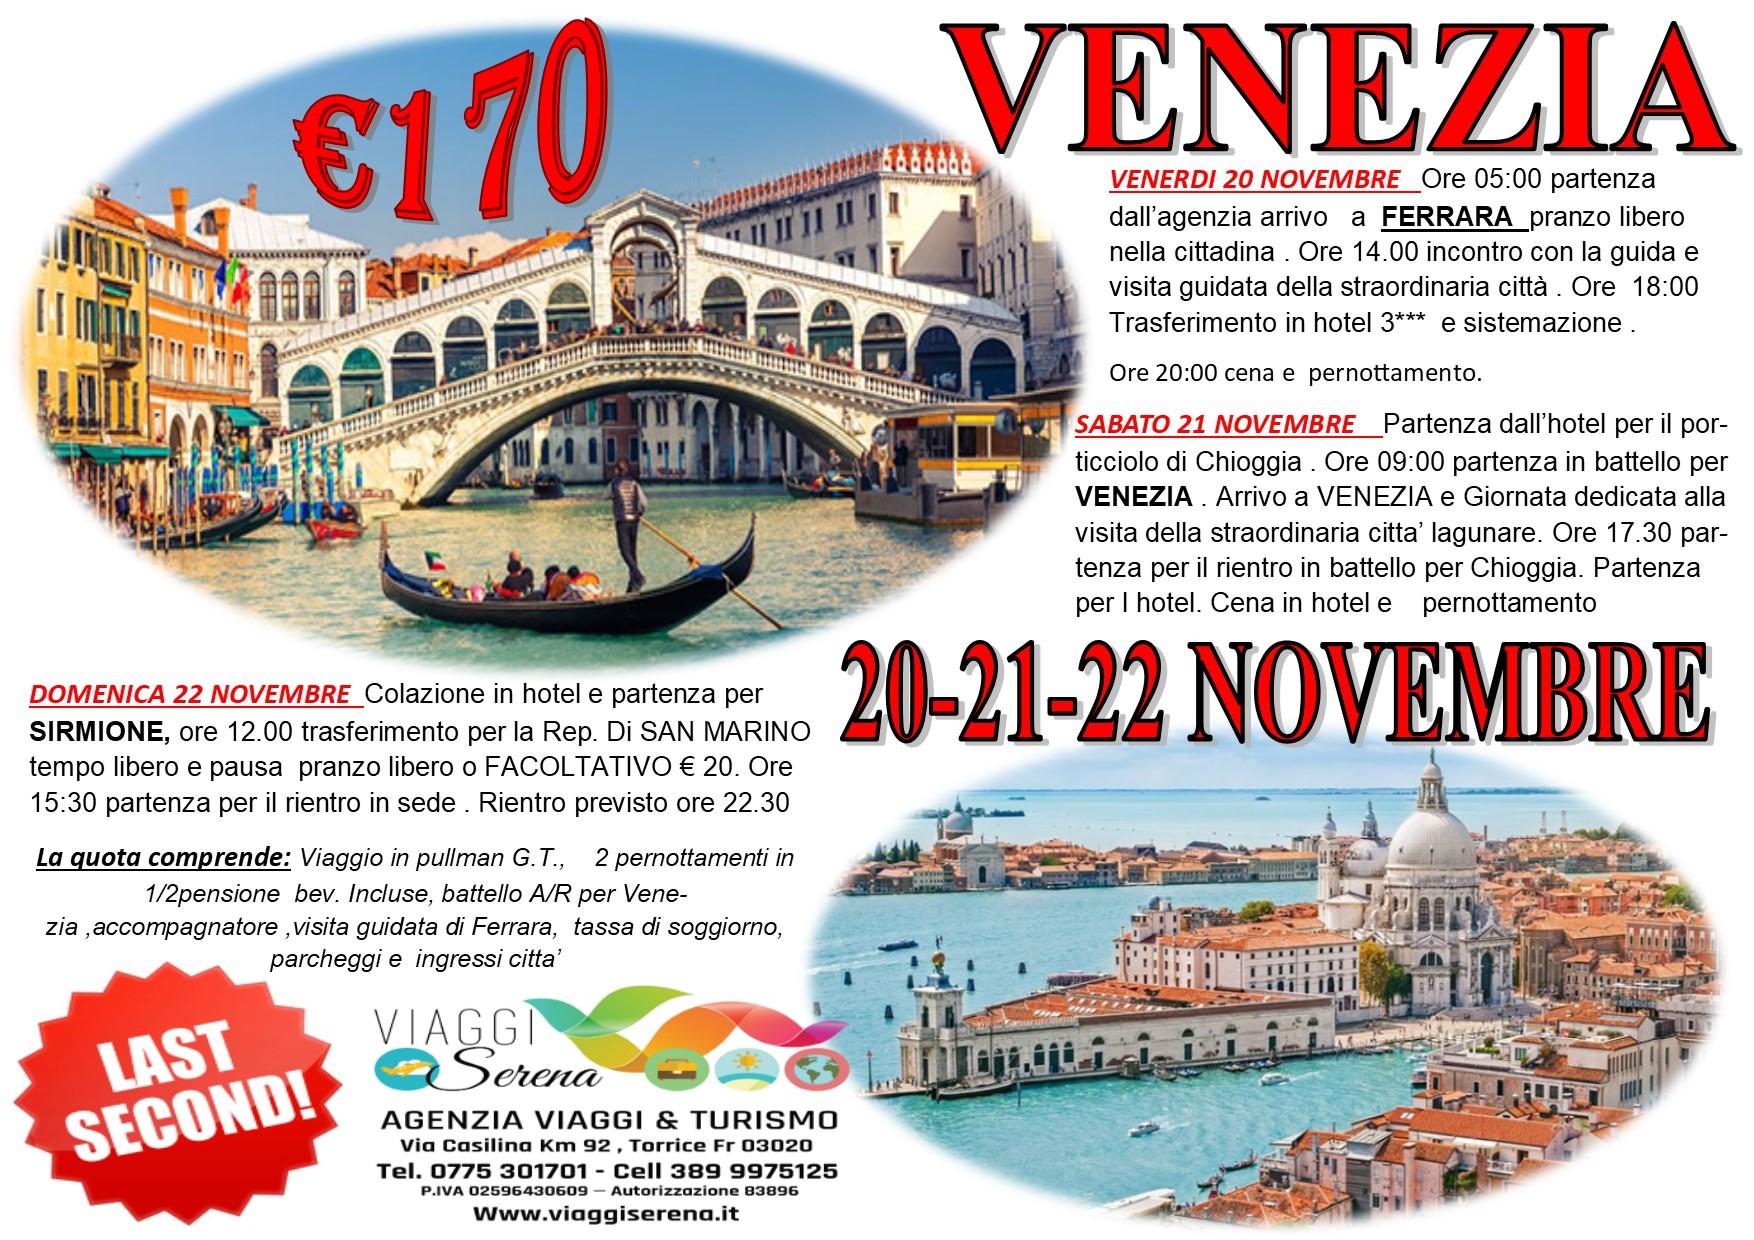 Viaggi di Gruppo: VENEZIA , FERRARA & Rep. di SAN MARINO 20-21-22 Novembre € 170,00